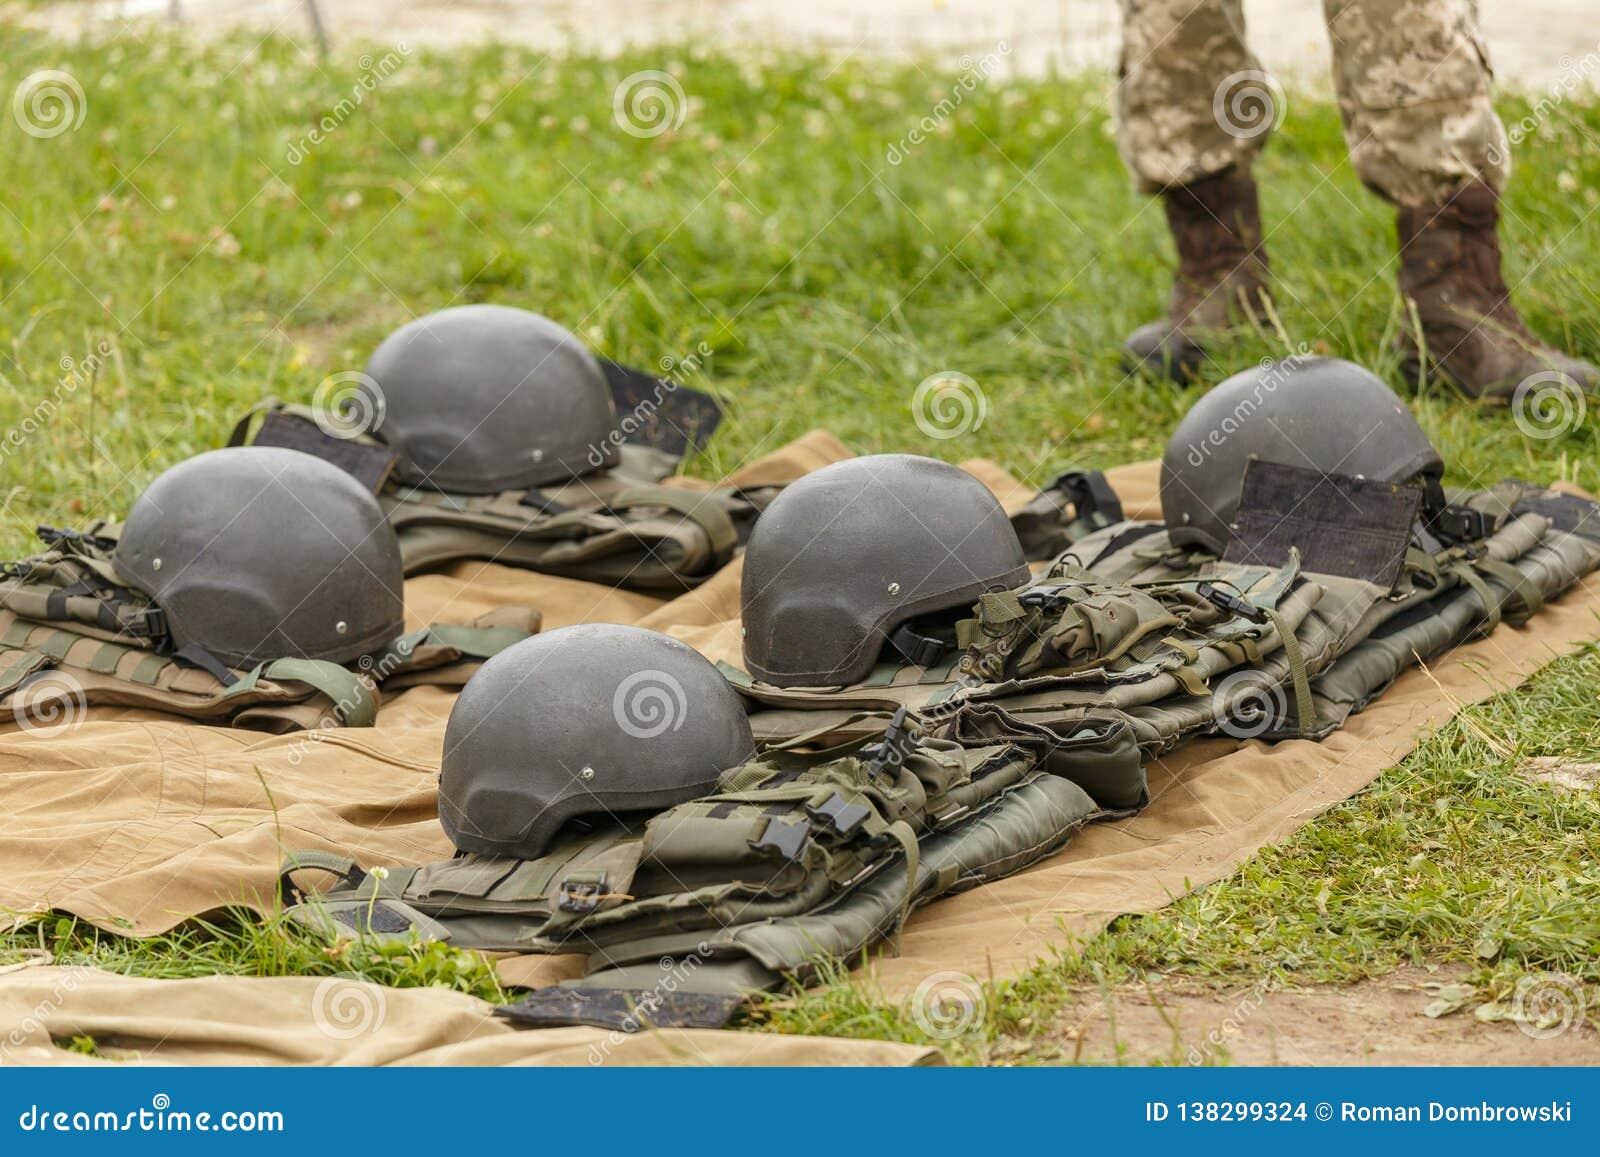 伪装作战在地面上和盔甲排队的防弹衣